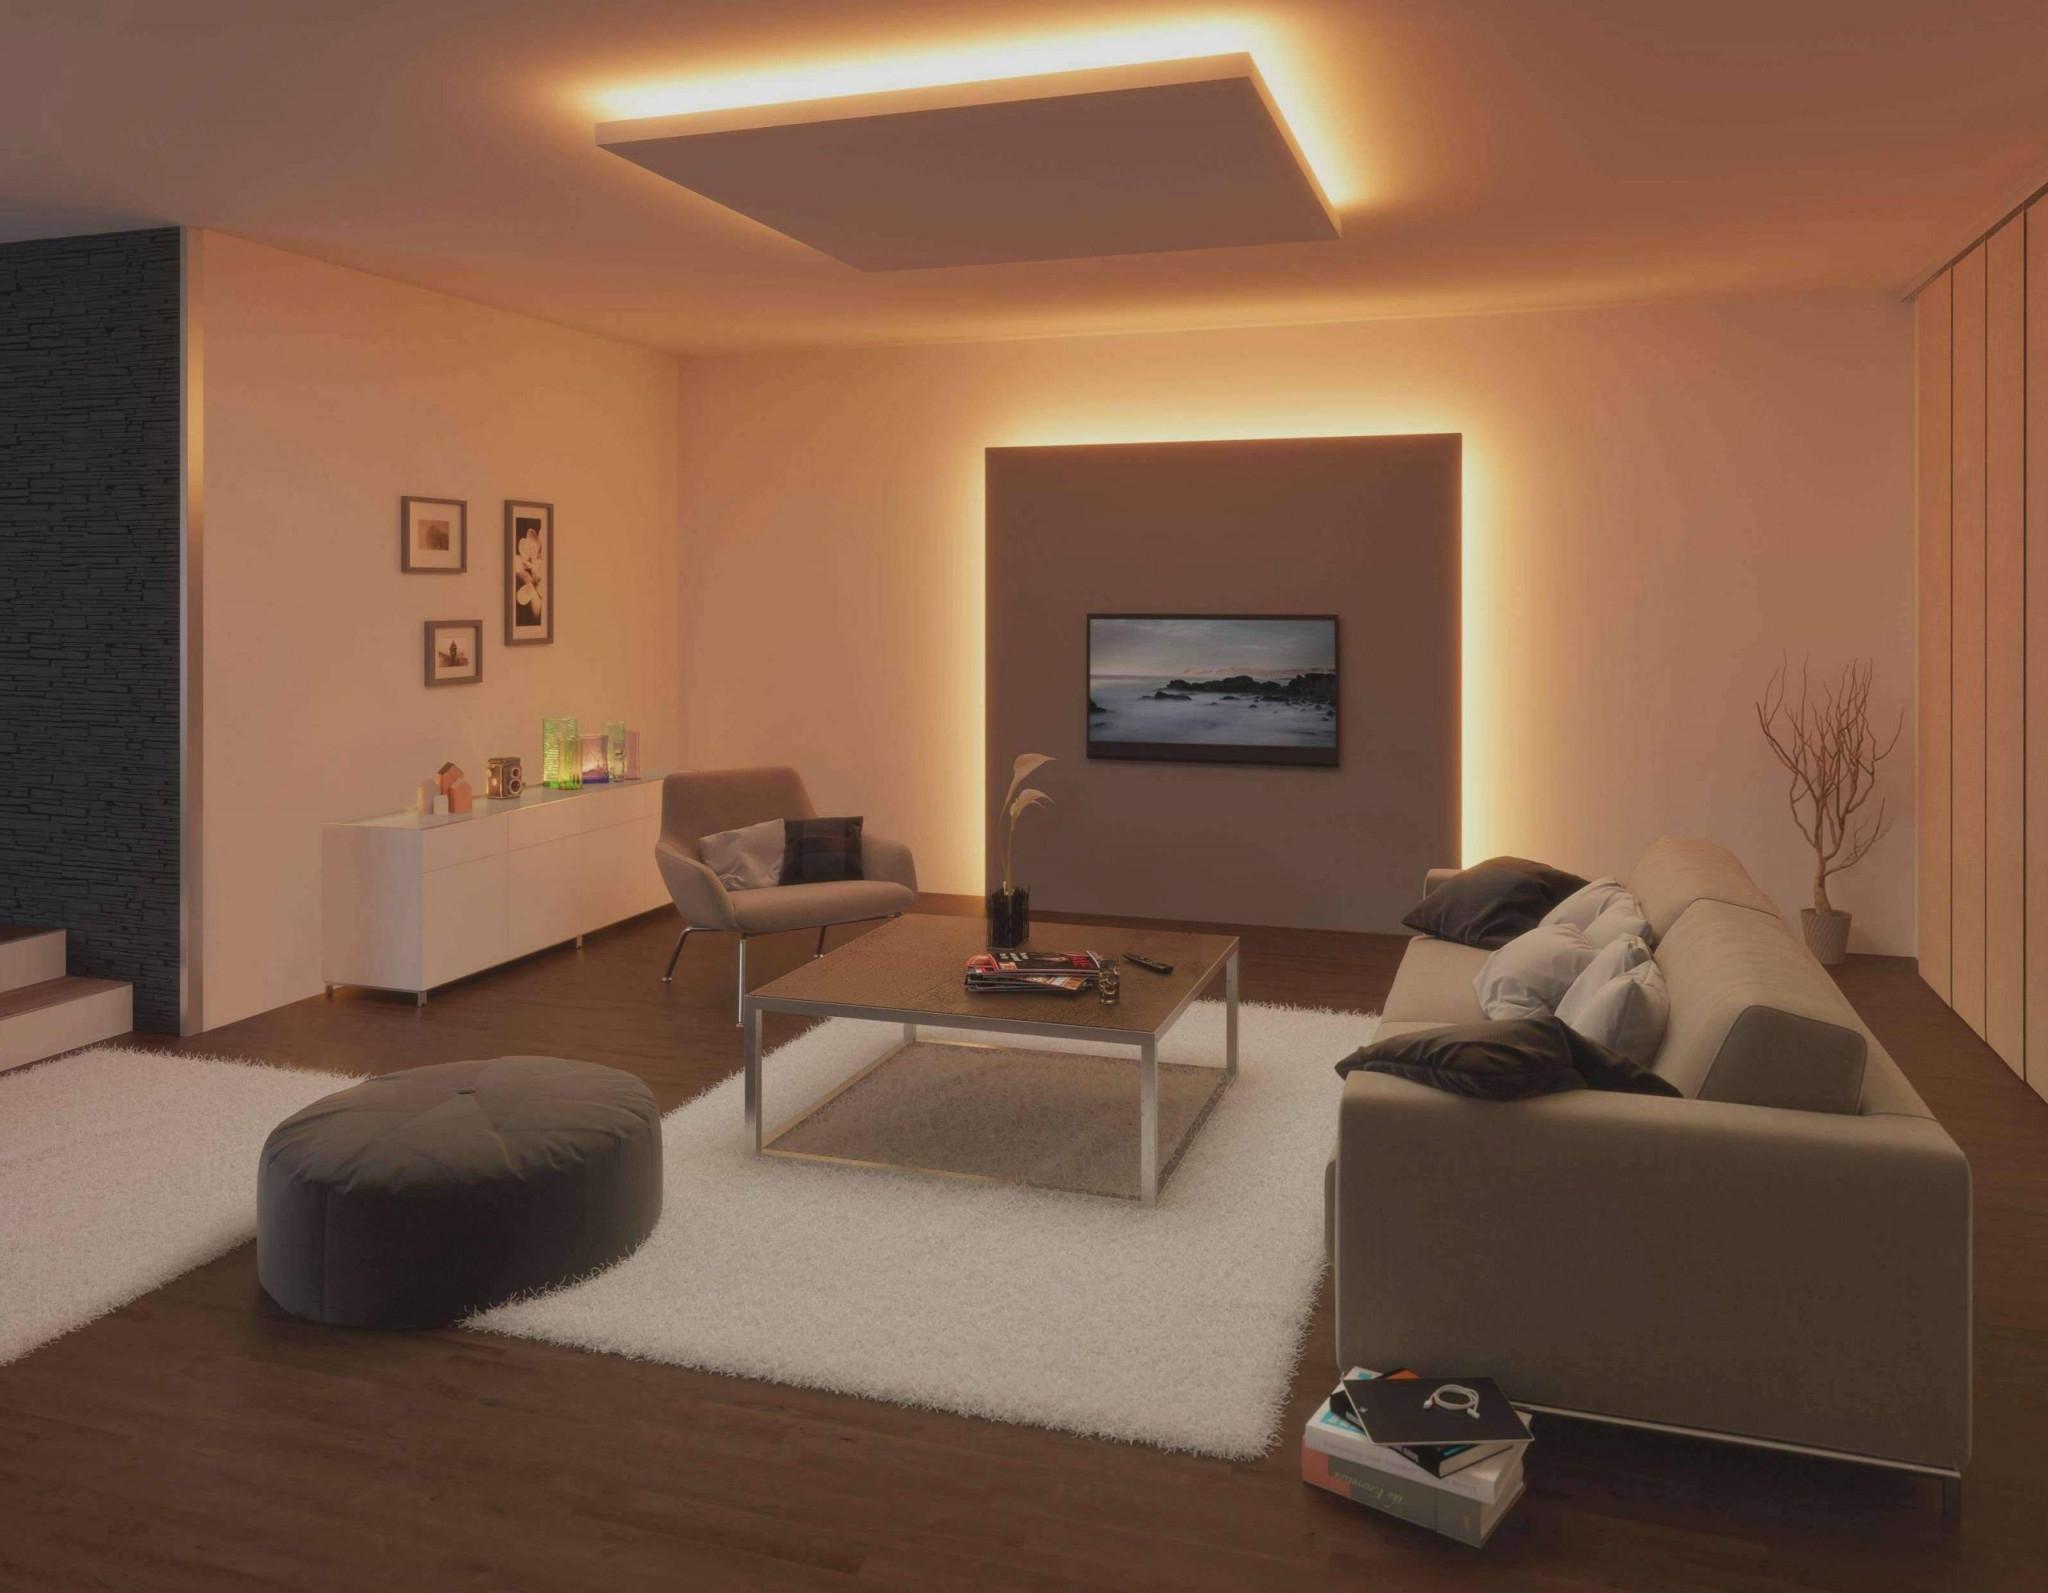 29 Neu Licht Ideen Wohnzimmer Einzigartig  Wohnzimmer Frisch von Große Wohnzimmer Lampe Bild